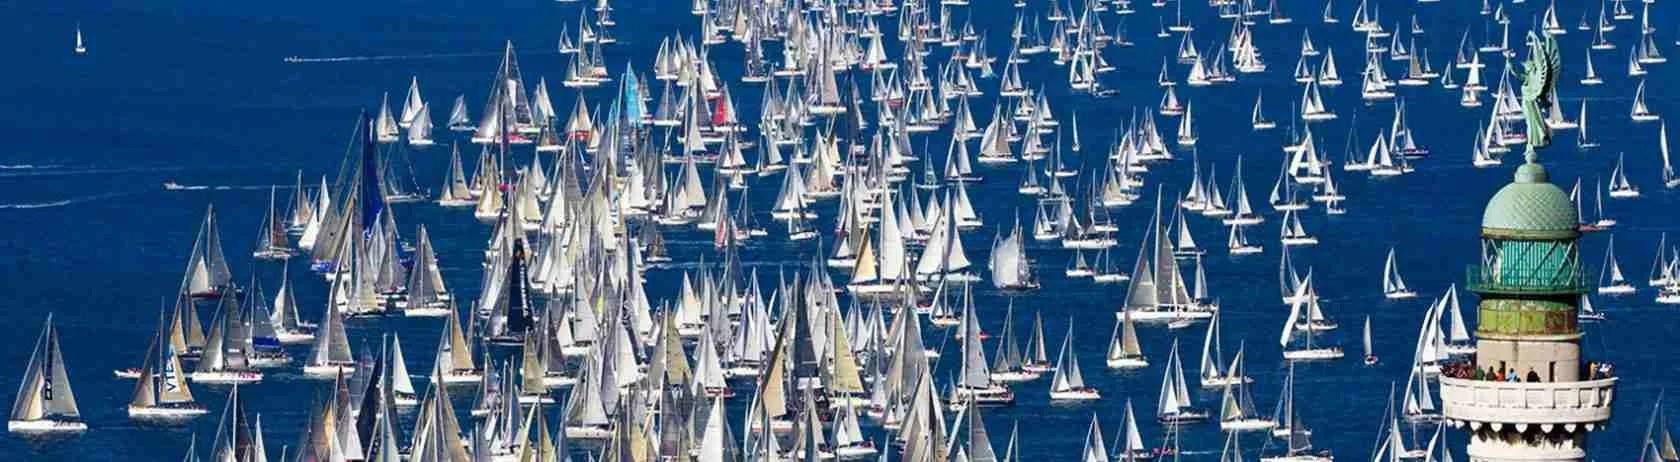 La Barcolana di Trieste è un evento imperdibile per le escort Trieste.